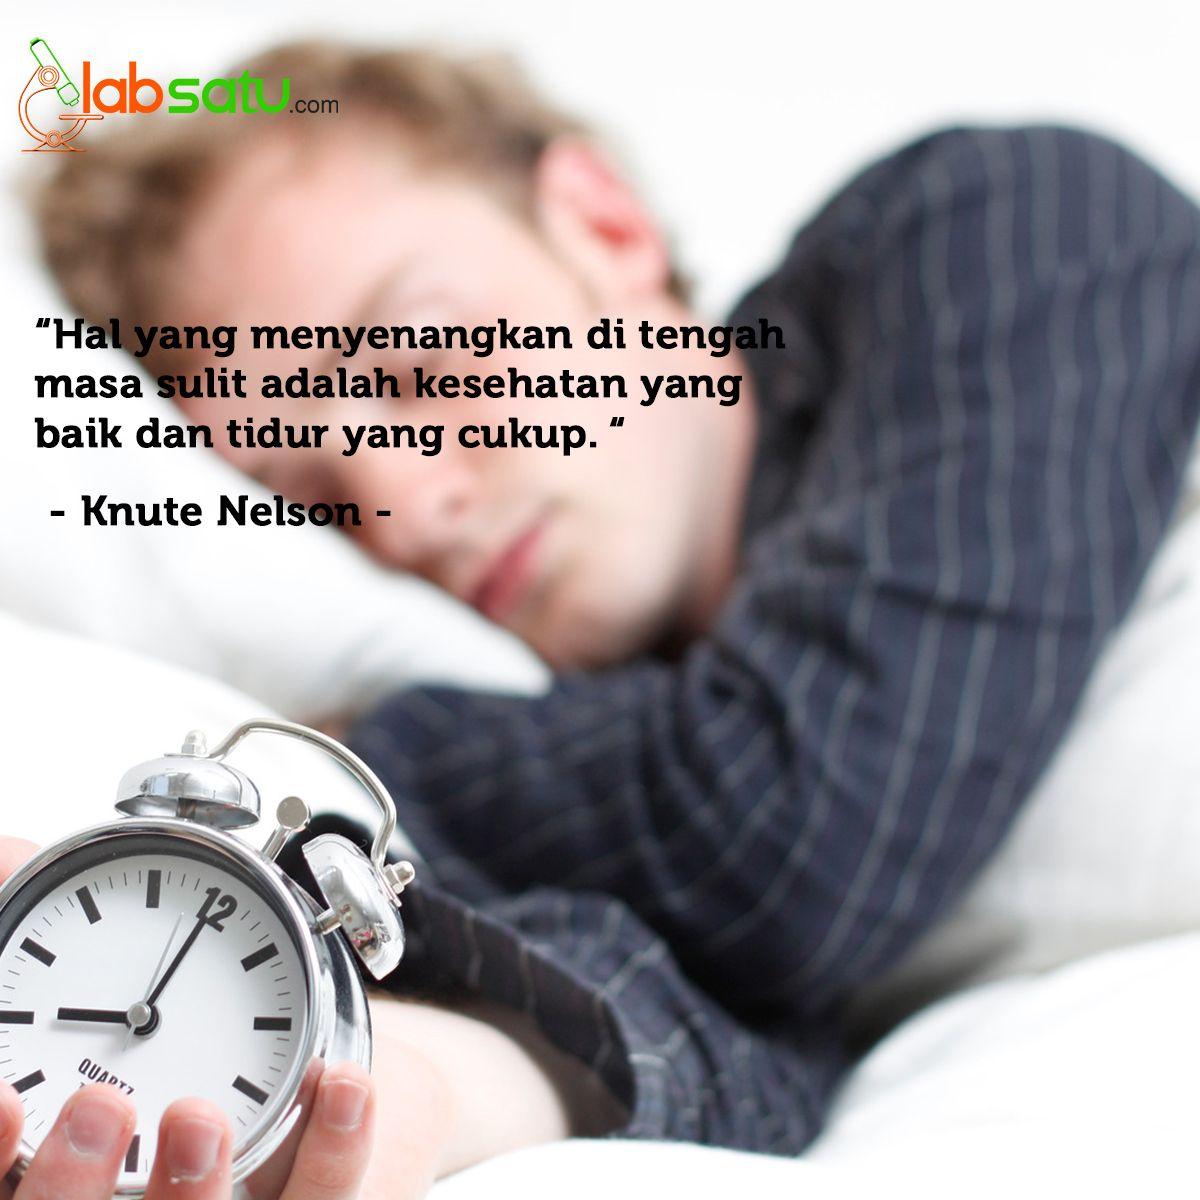 Tidur Adalah Kegiatan Yang Dilakukan Orang Orang Yang Lemah